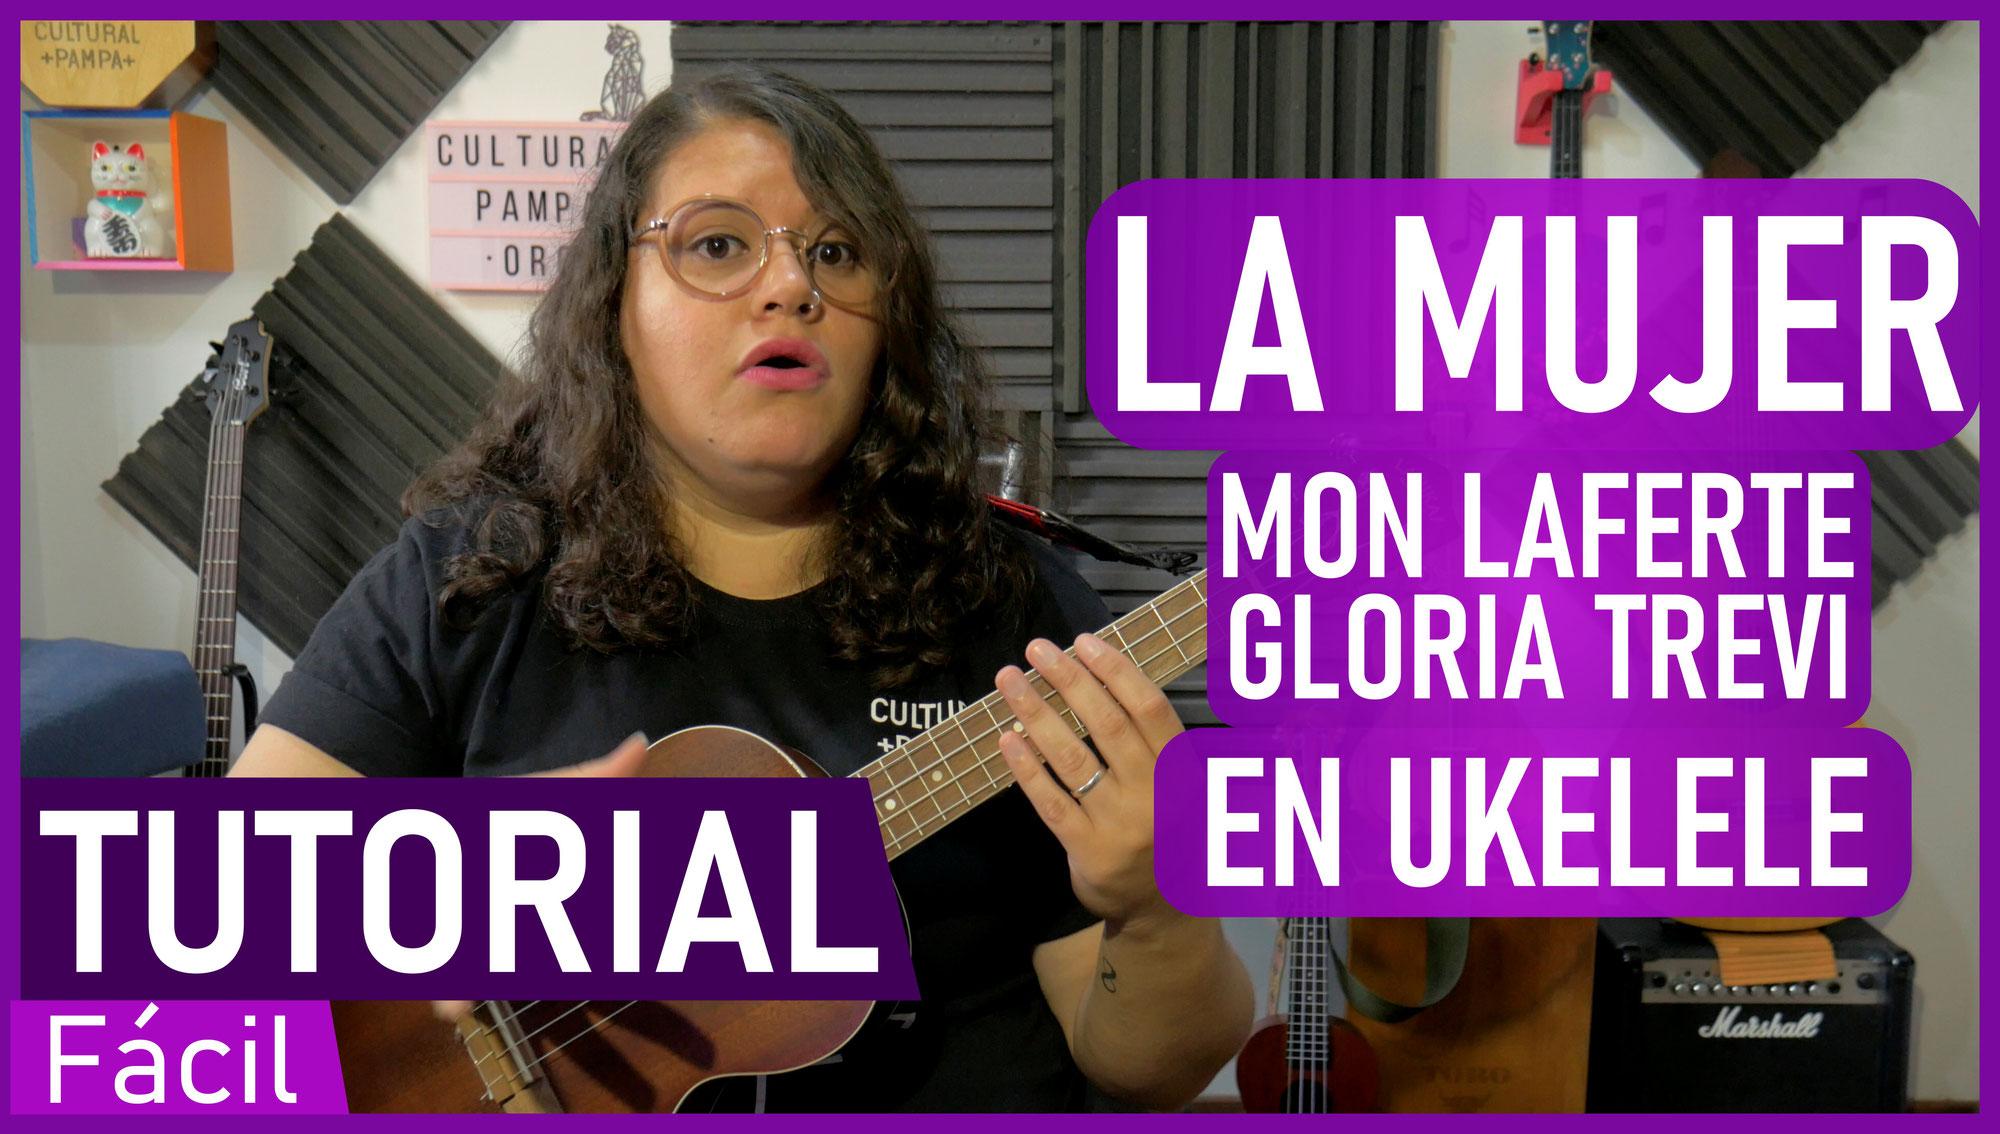 Como tocar La Mujer - Mon Laferte, Gloria Trevi